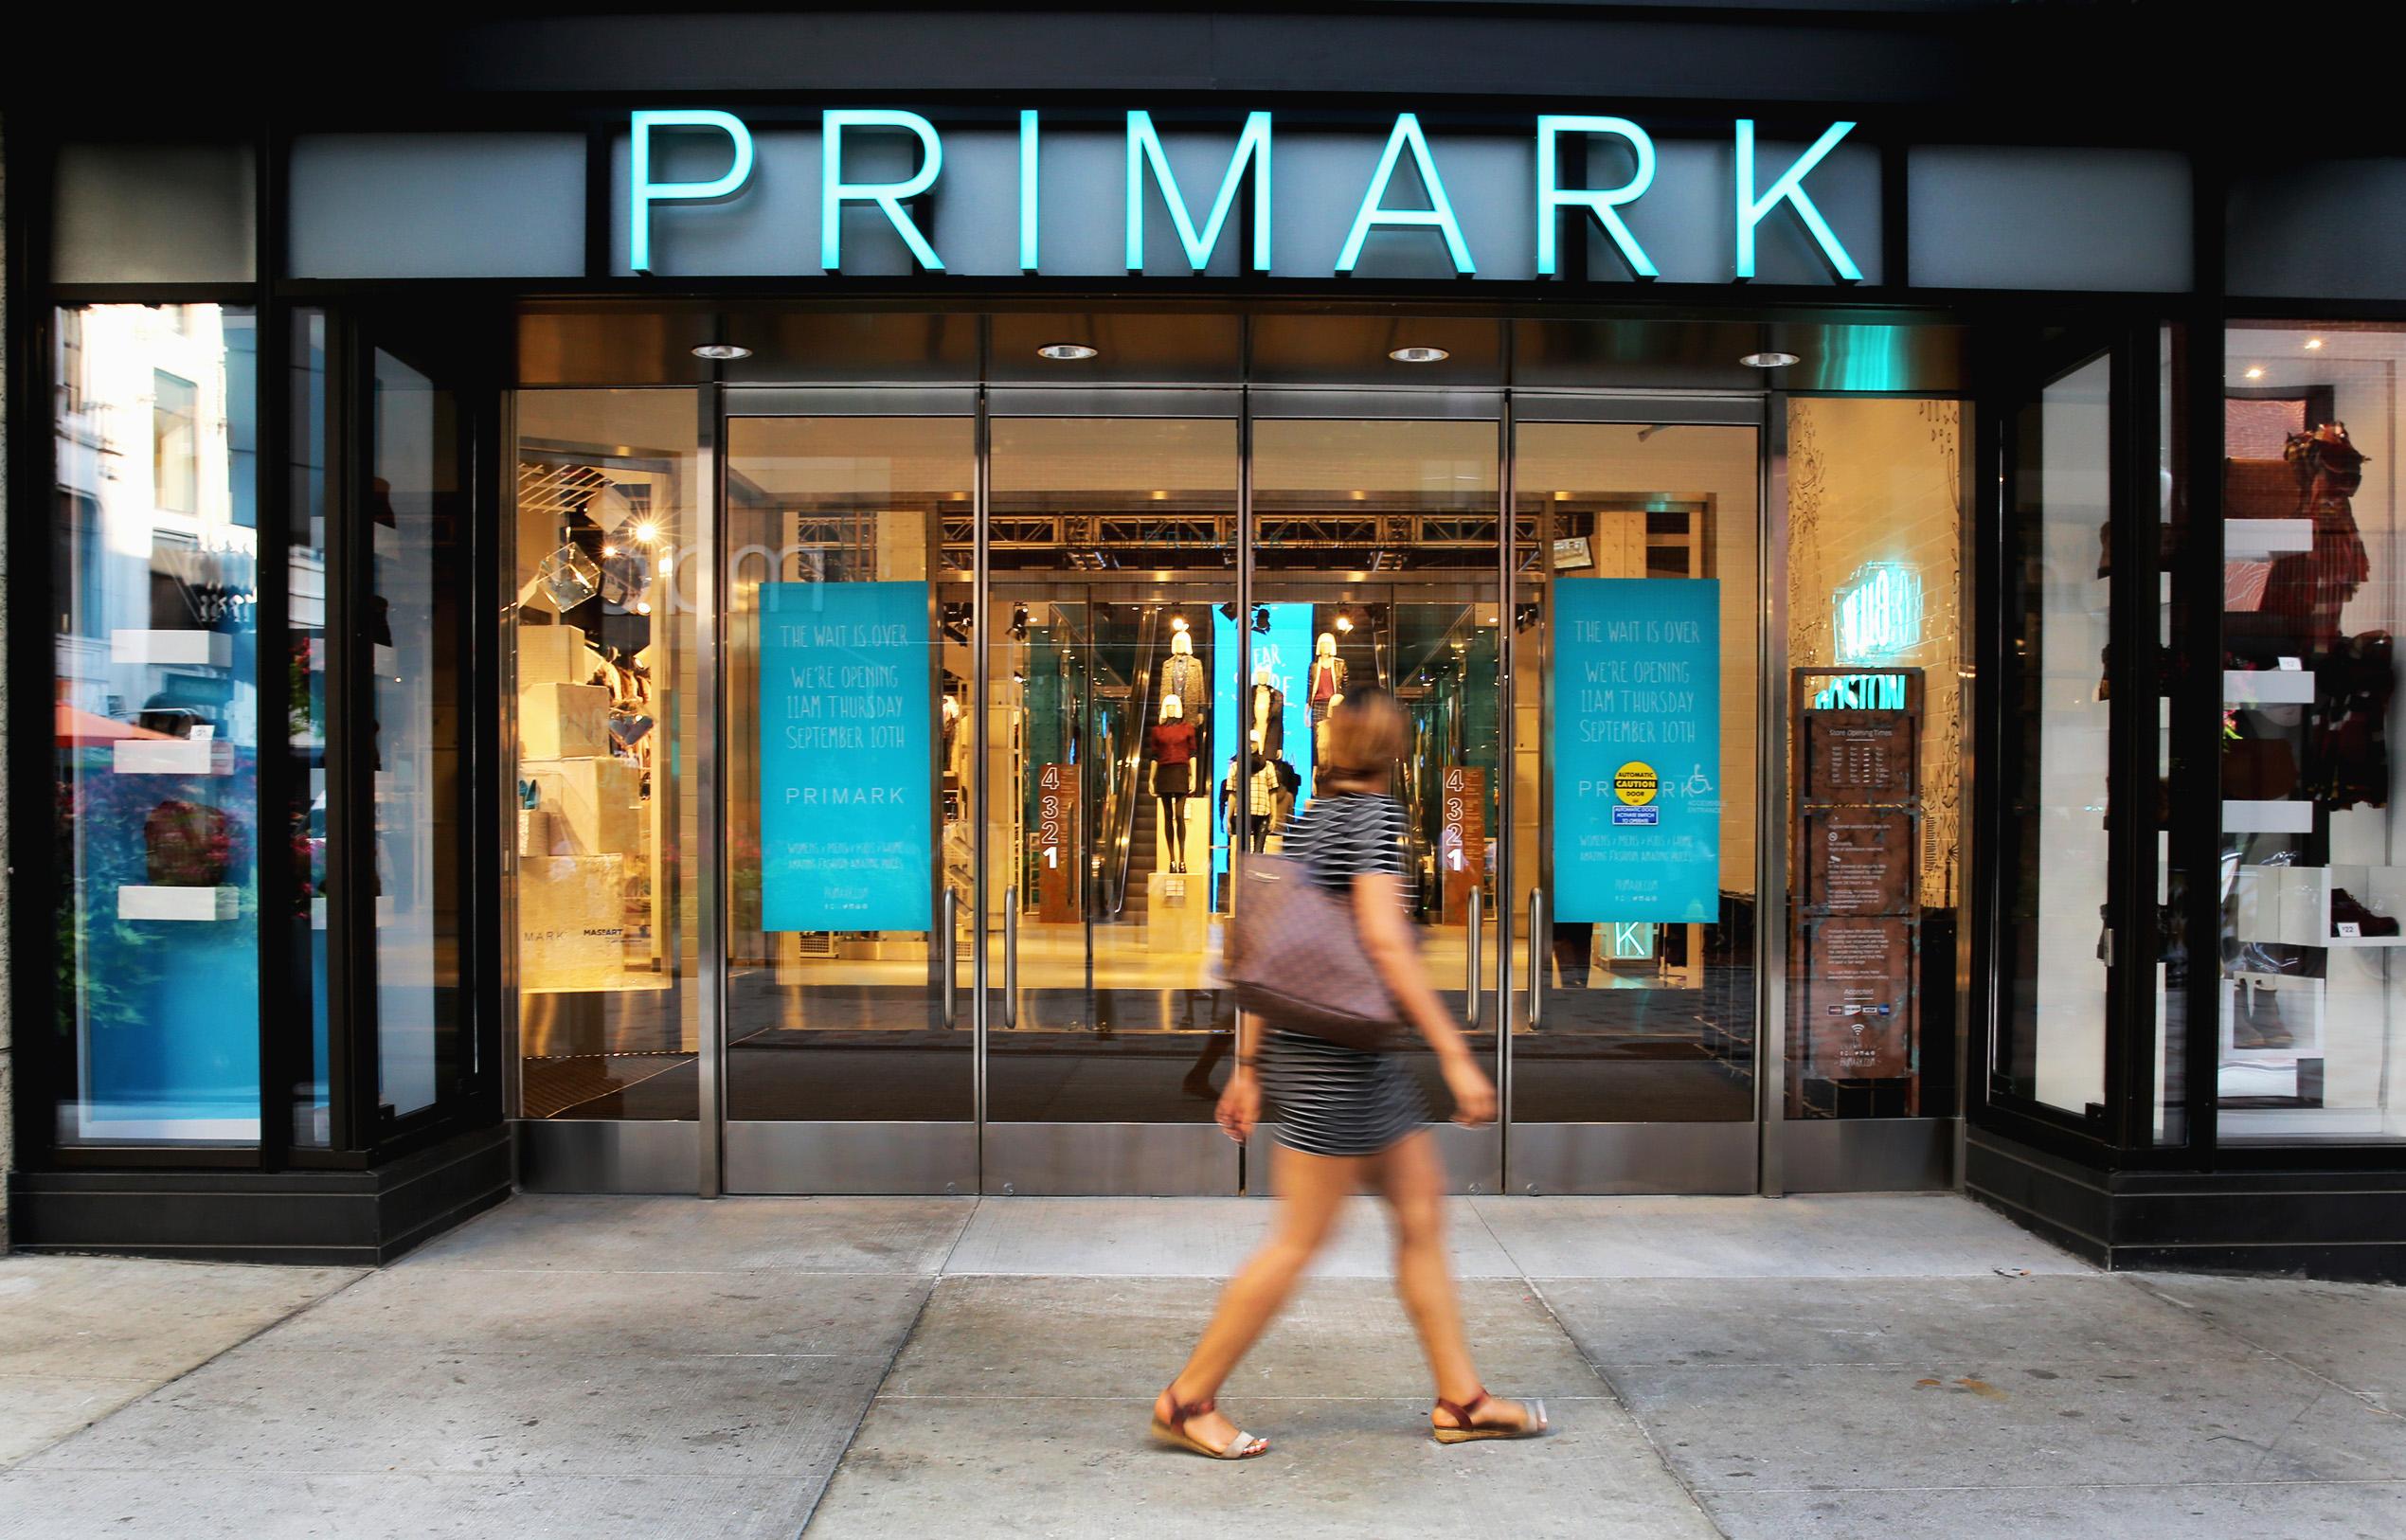 The Primark store in Boston